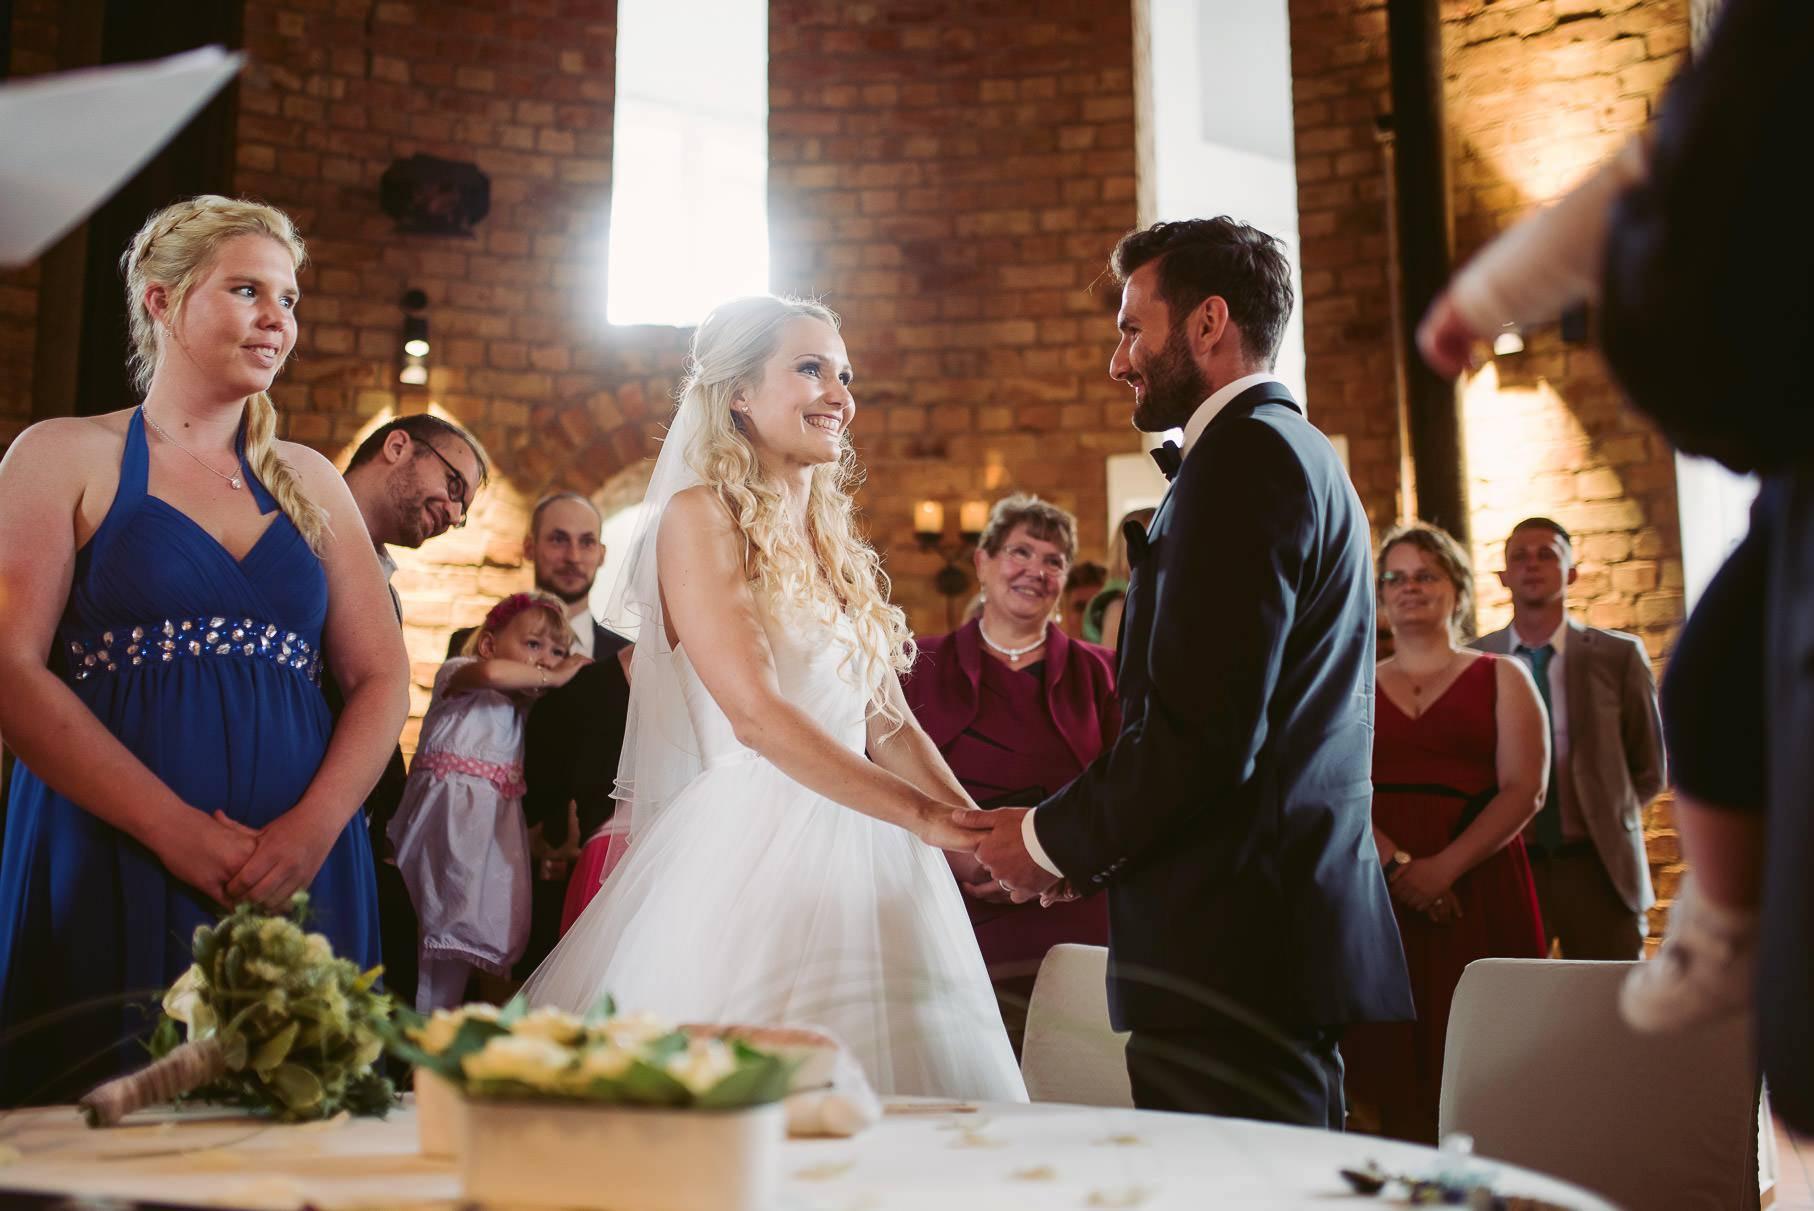 0029 jus 811 9532 - Hochzeit im Wasserturm Lüneburg - Jenny & Sascha